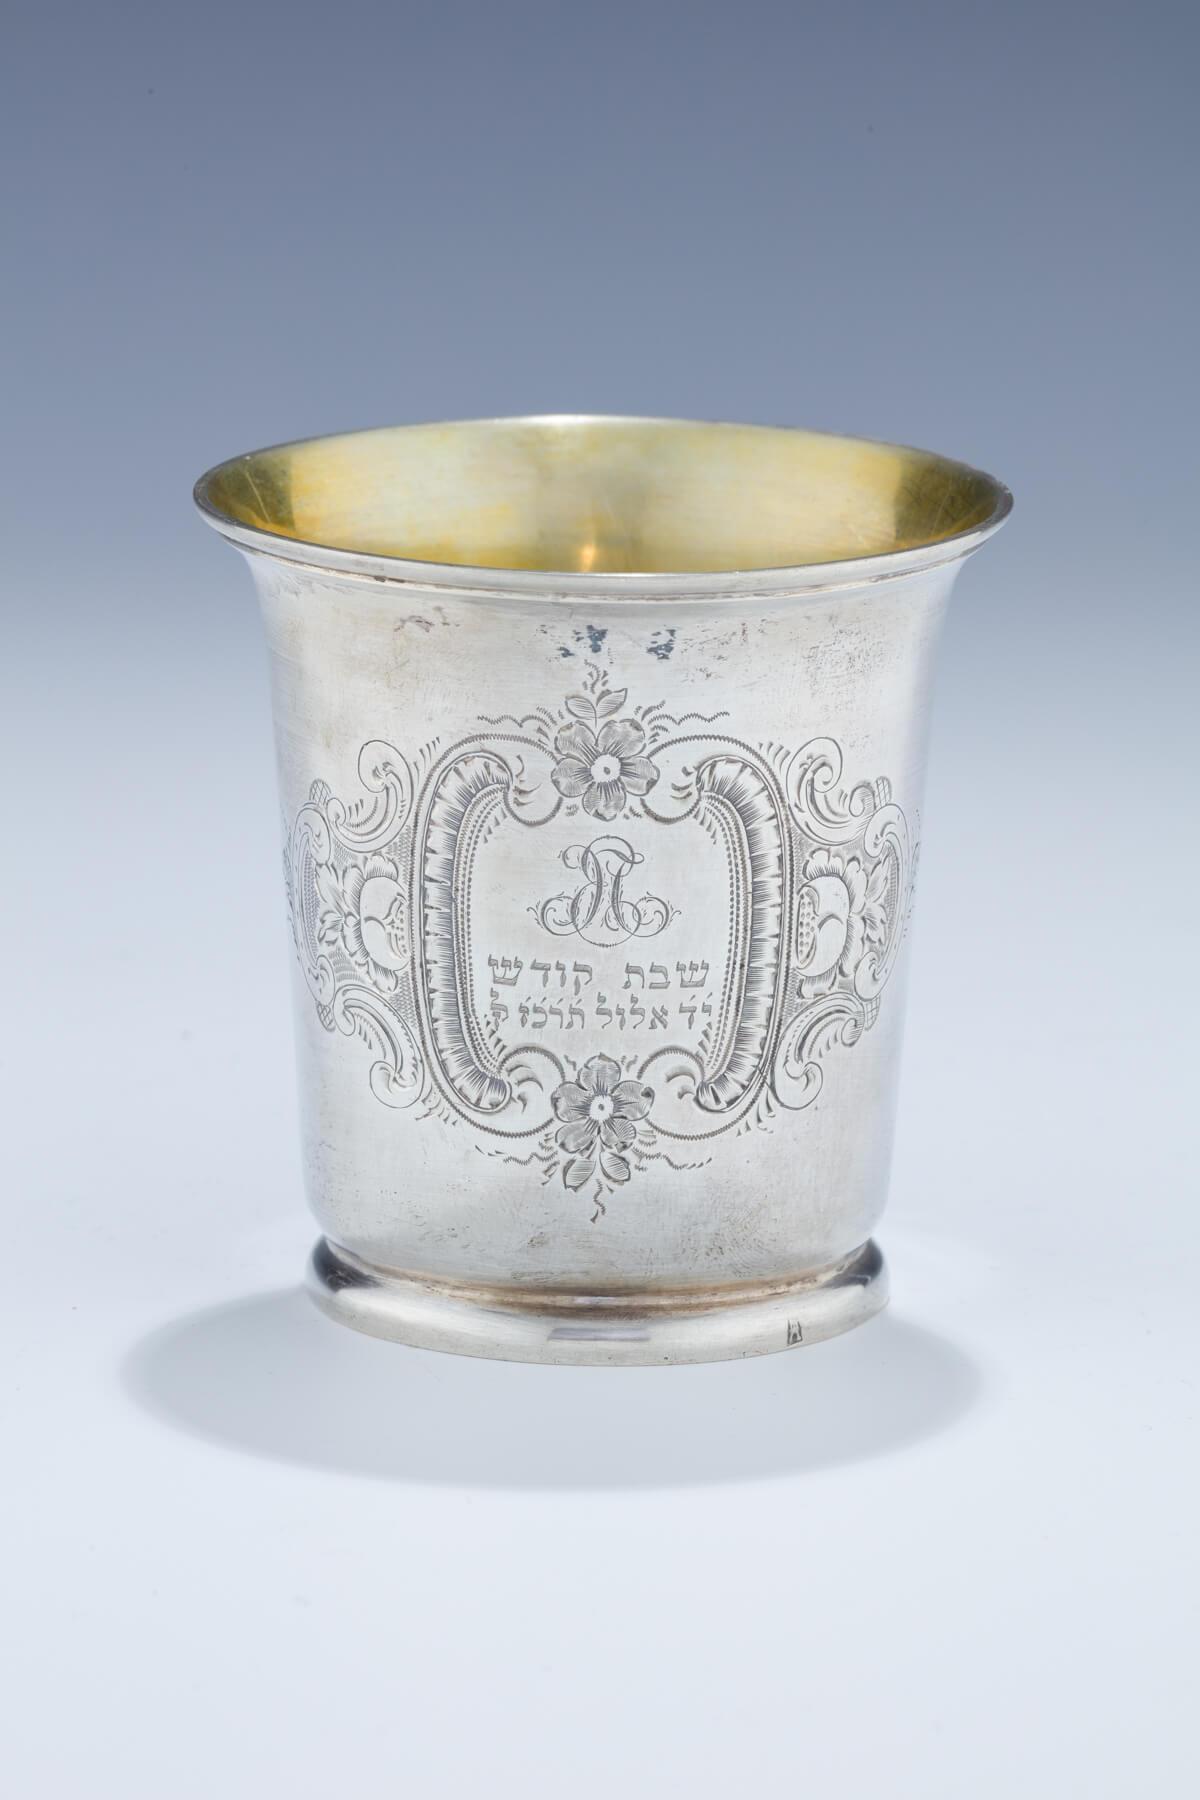 089. A Silver Kiddush Cup